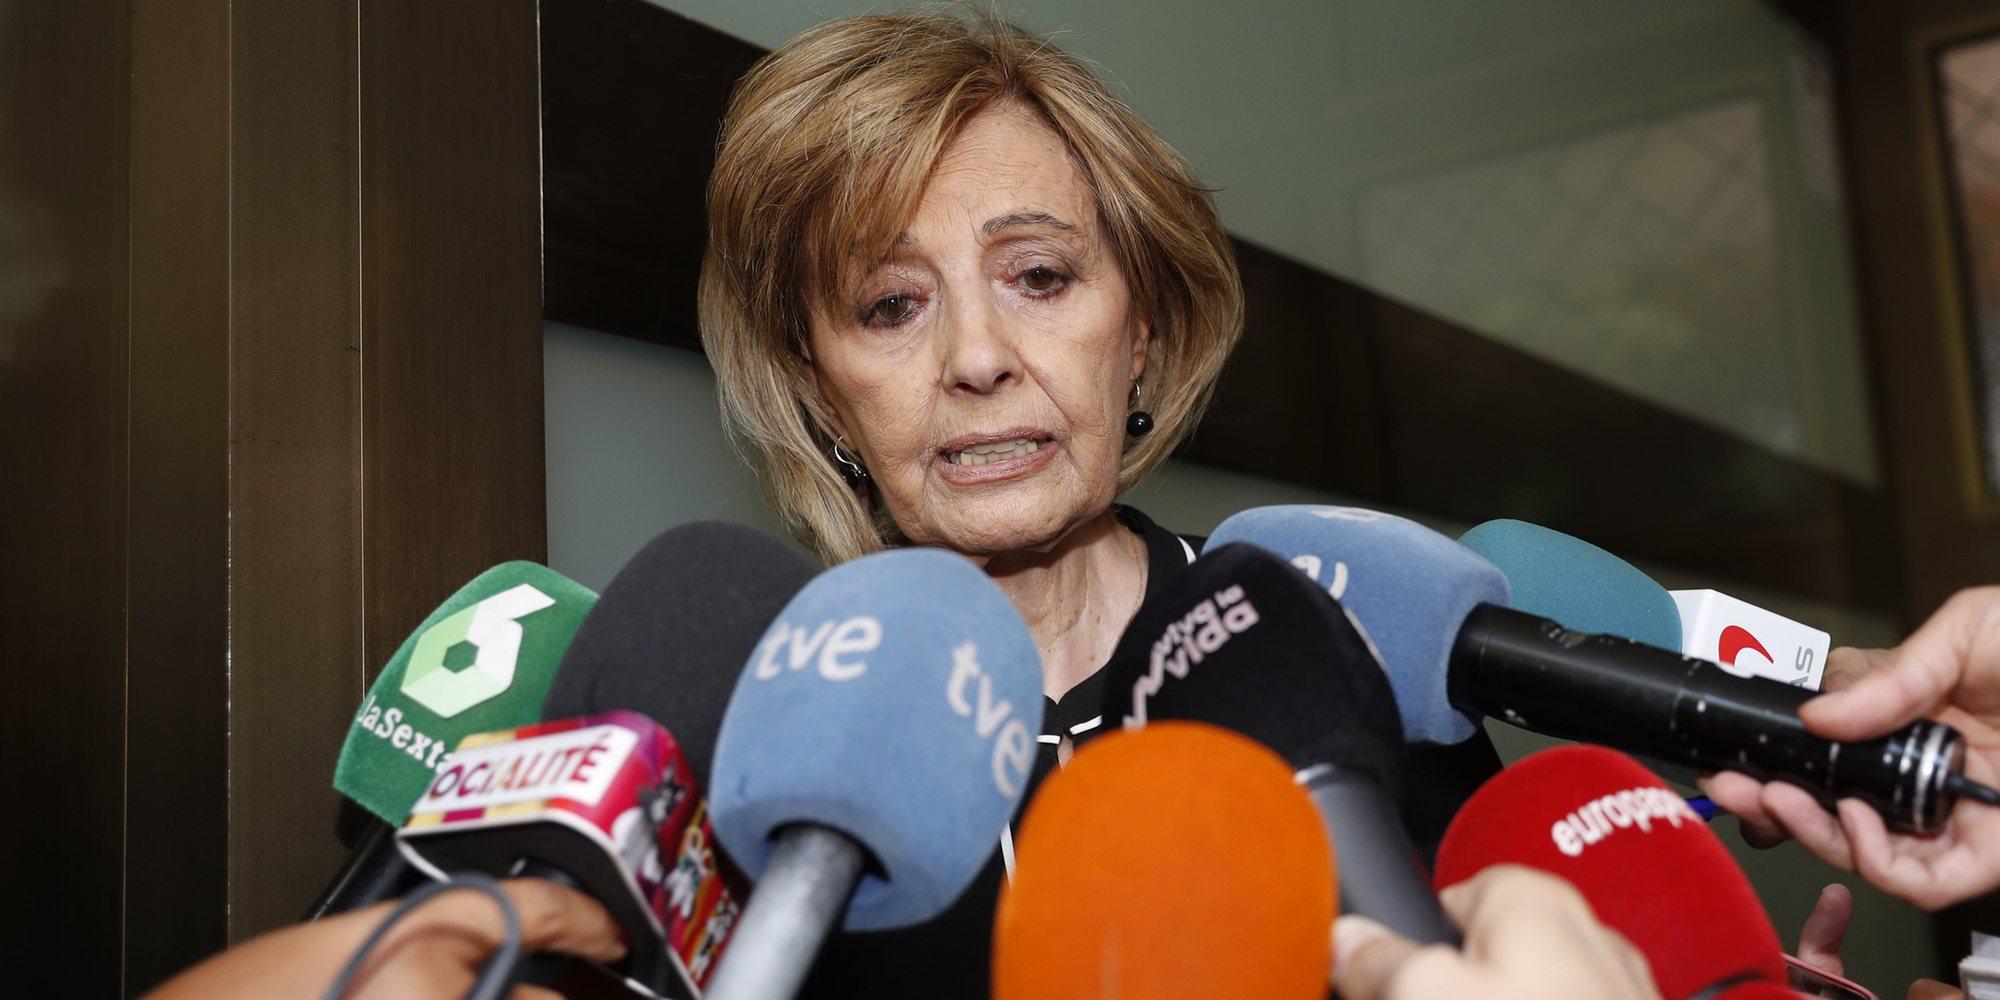 """María Teresa Campos pierde los nervios ante las cámaras: """"¡Iros ya!"""""""